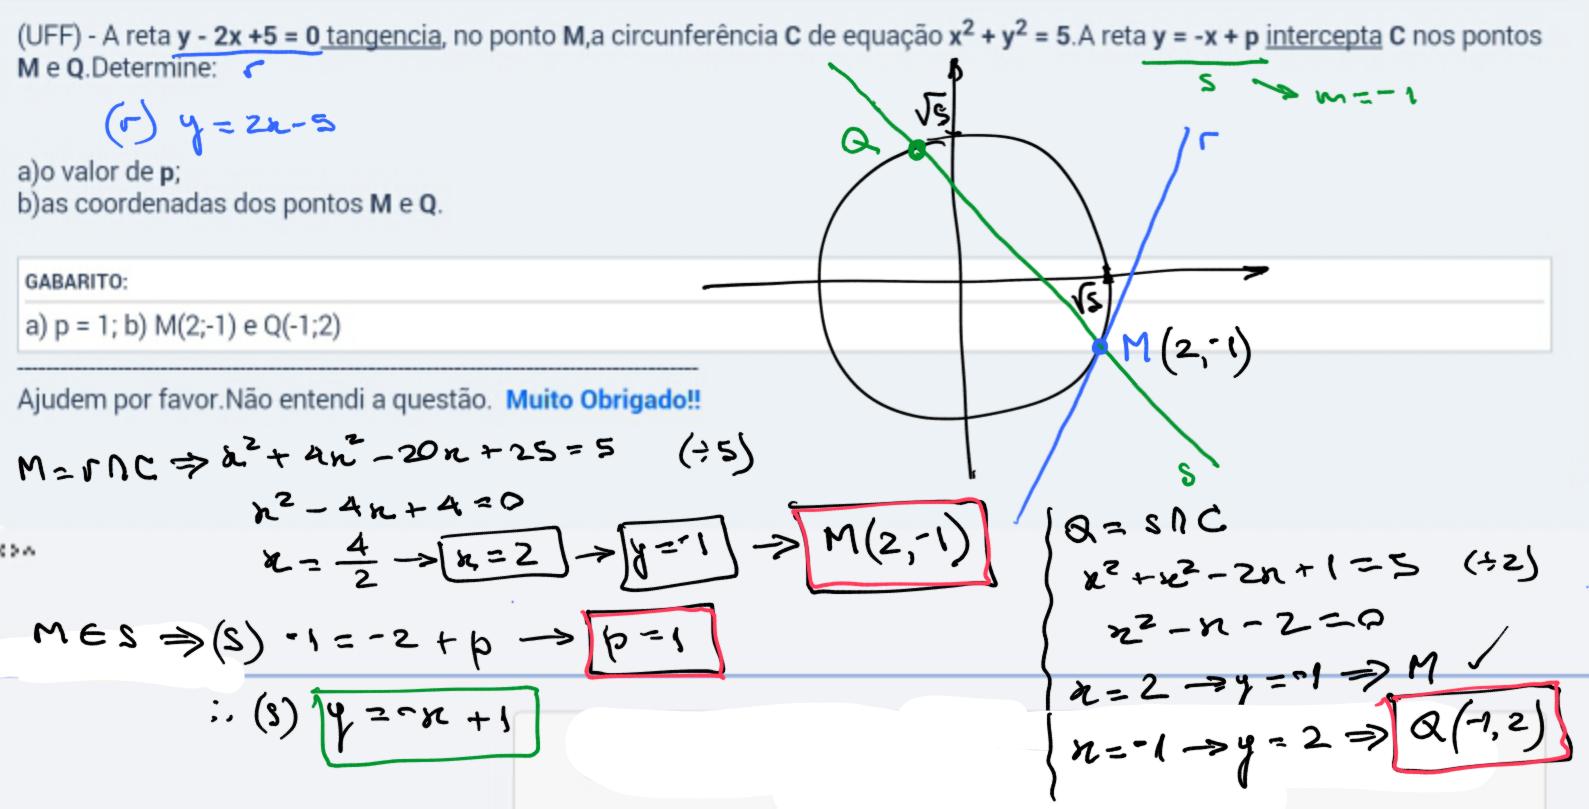 Retas , interceptação e circunferência. 2lstwz